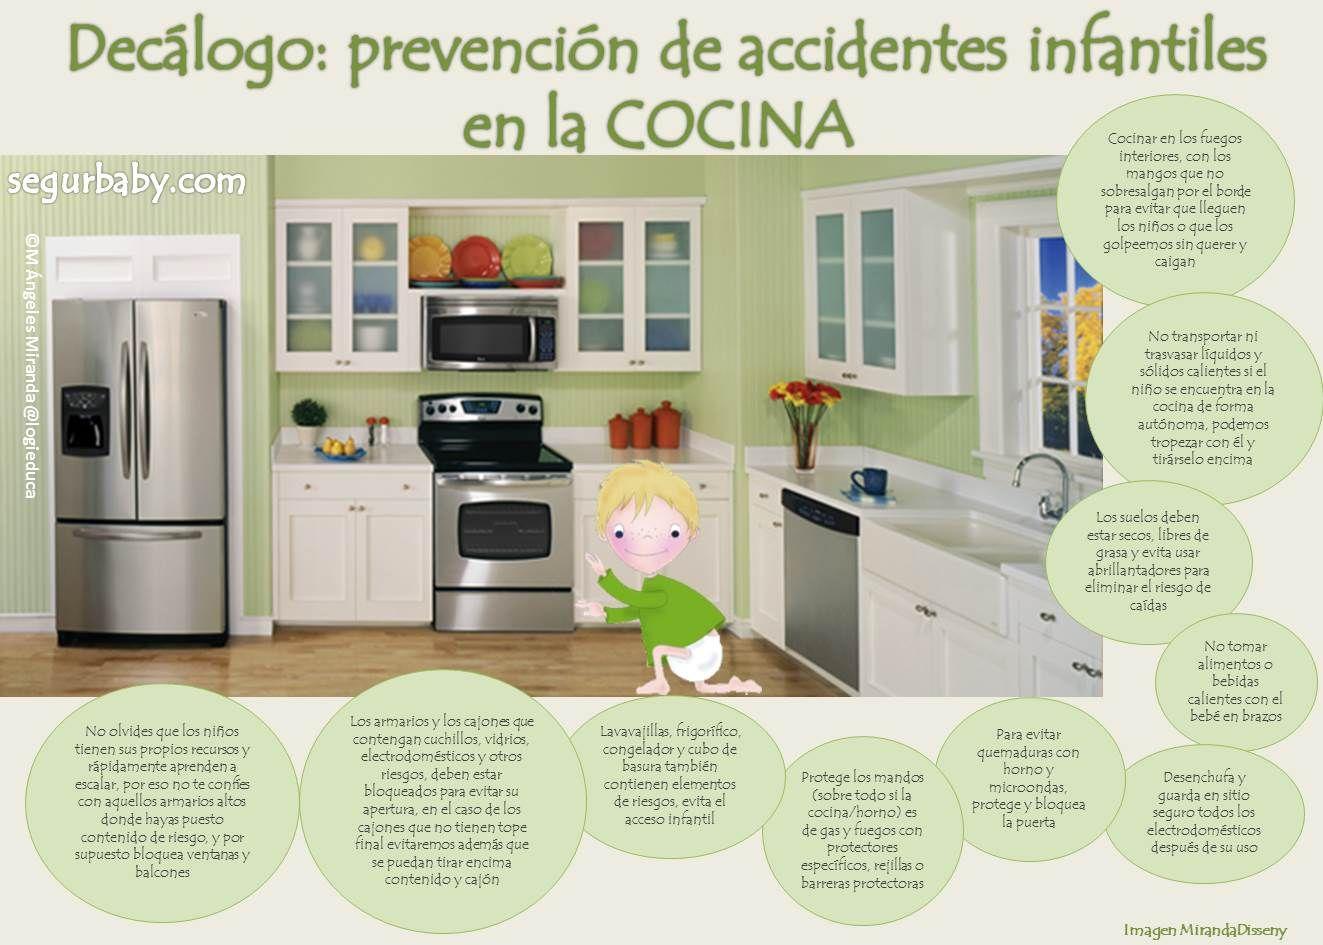 Decálogo De Seguridad Infantil En La Cocina Segurbaby.com